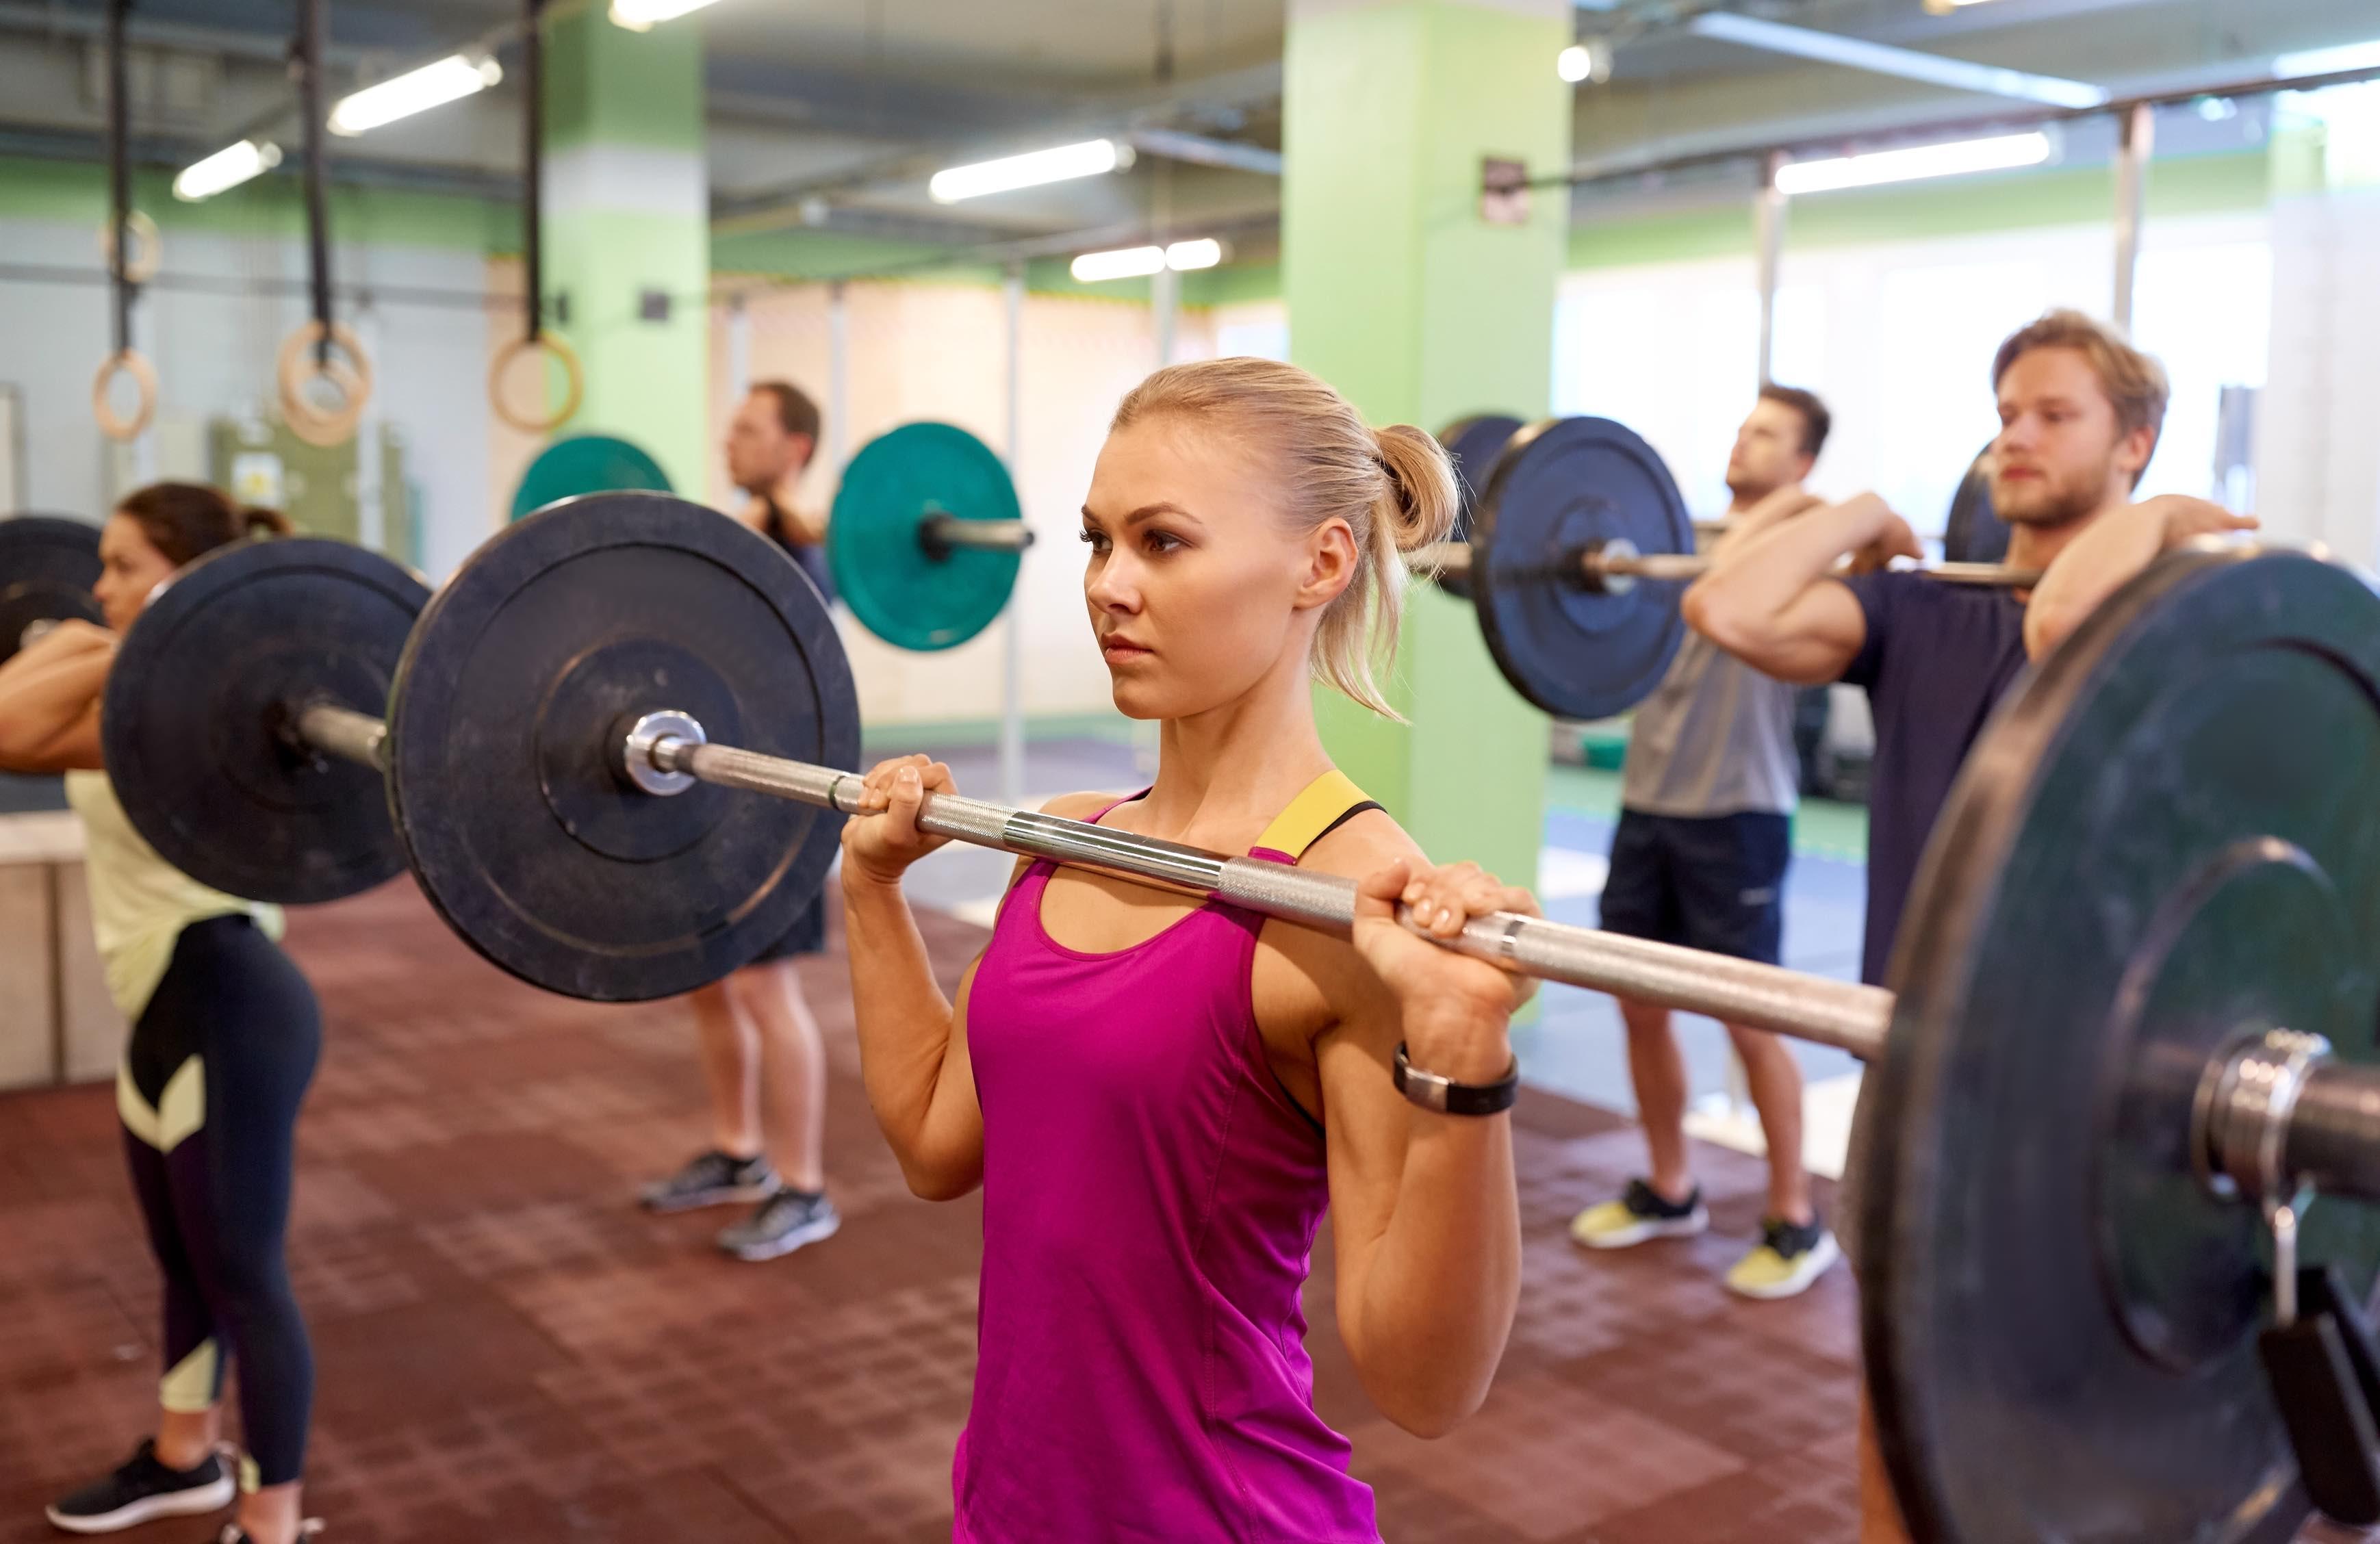 Körperwahrnehmung beim Fitness- und Krafttraining